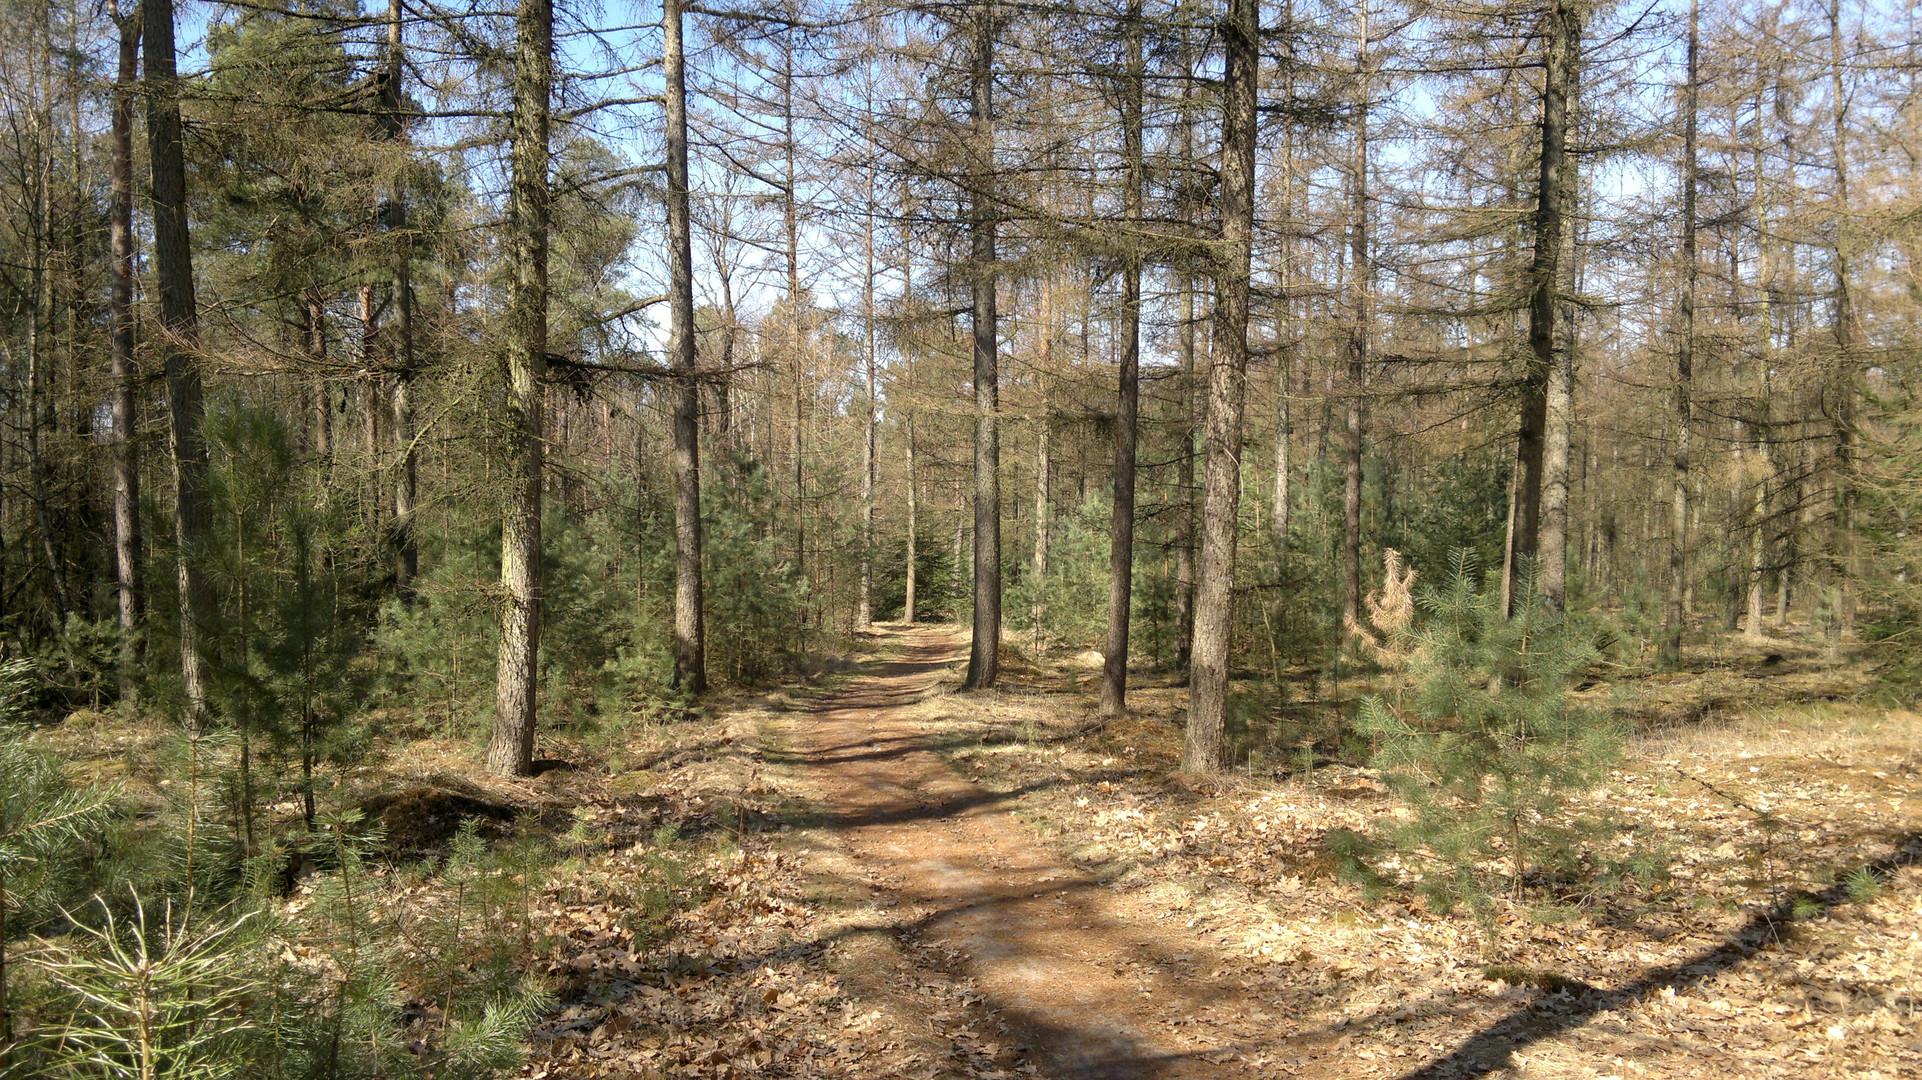 De Sallandse Heuvelrug in Nijverdal ( Twente,Osten von Holland,richtung Nordhorn)